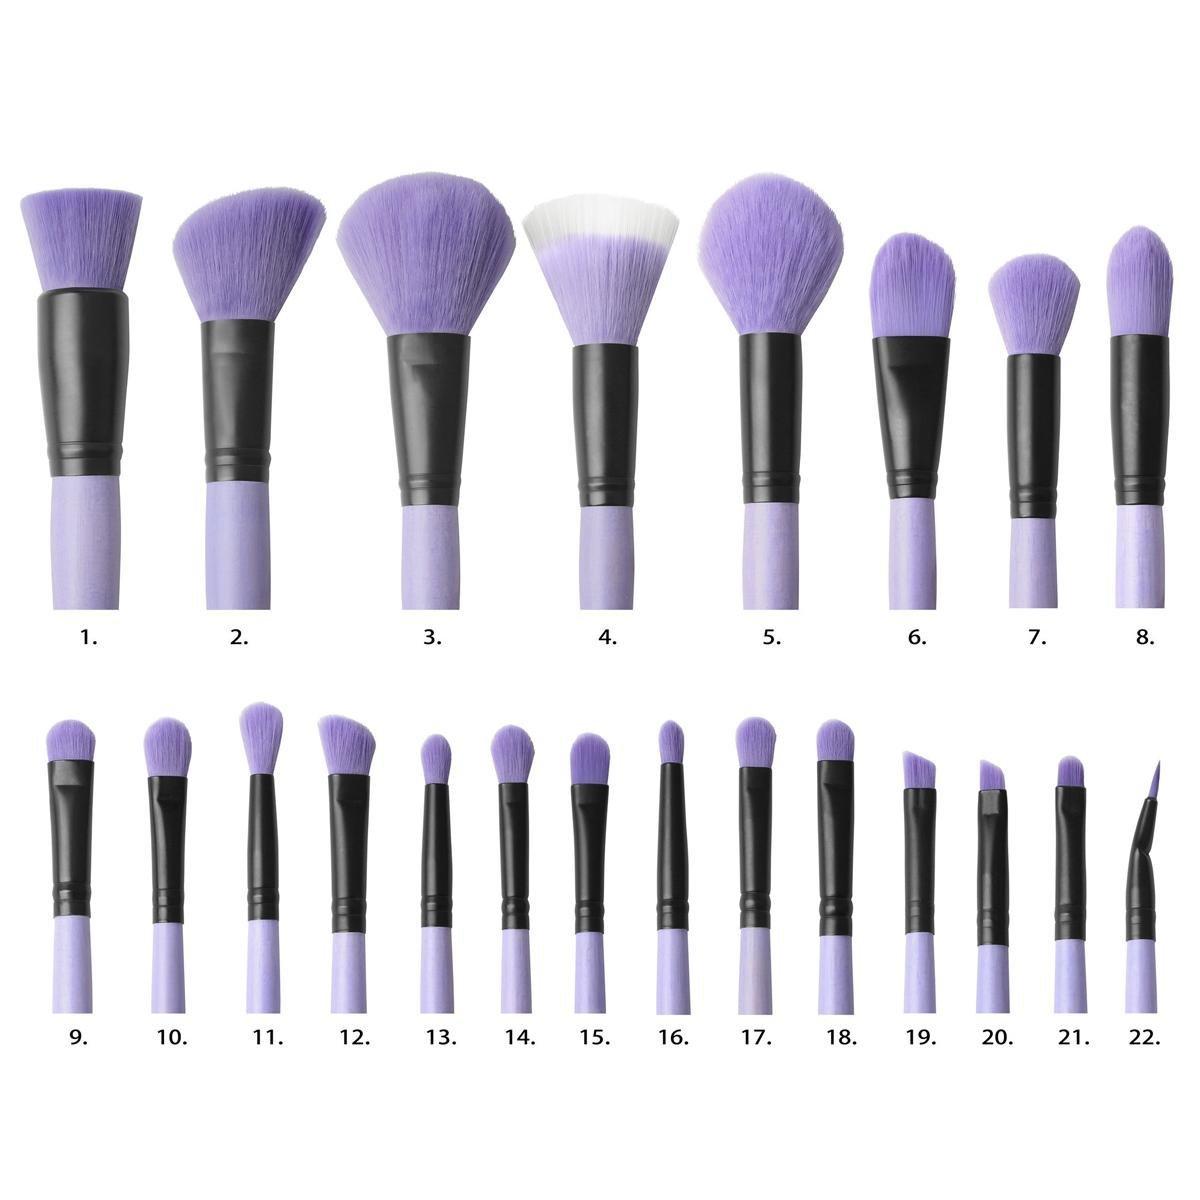 Uncategorized Vanity Brush amazon com coastal scents brush affair vanity collection 22 piece brushes